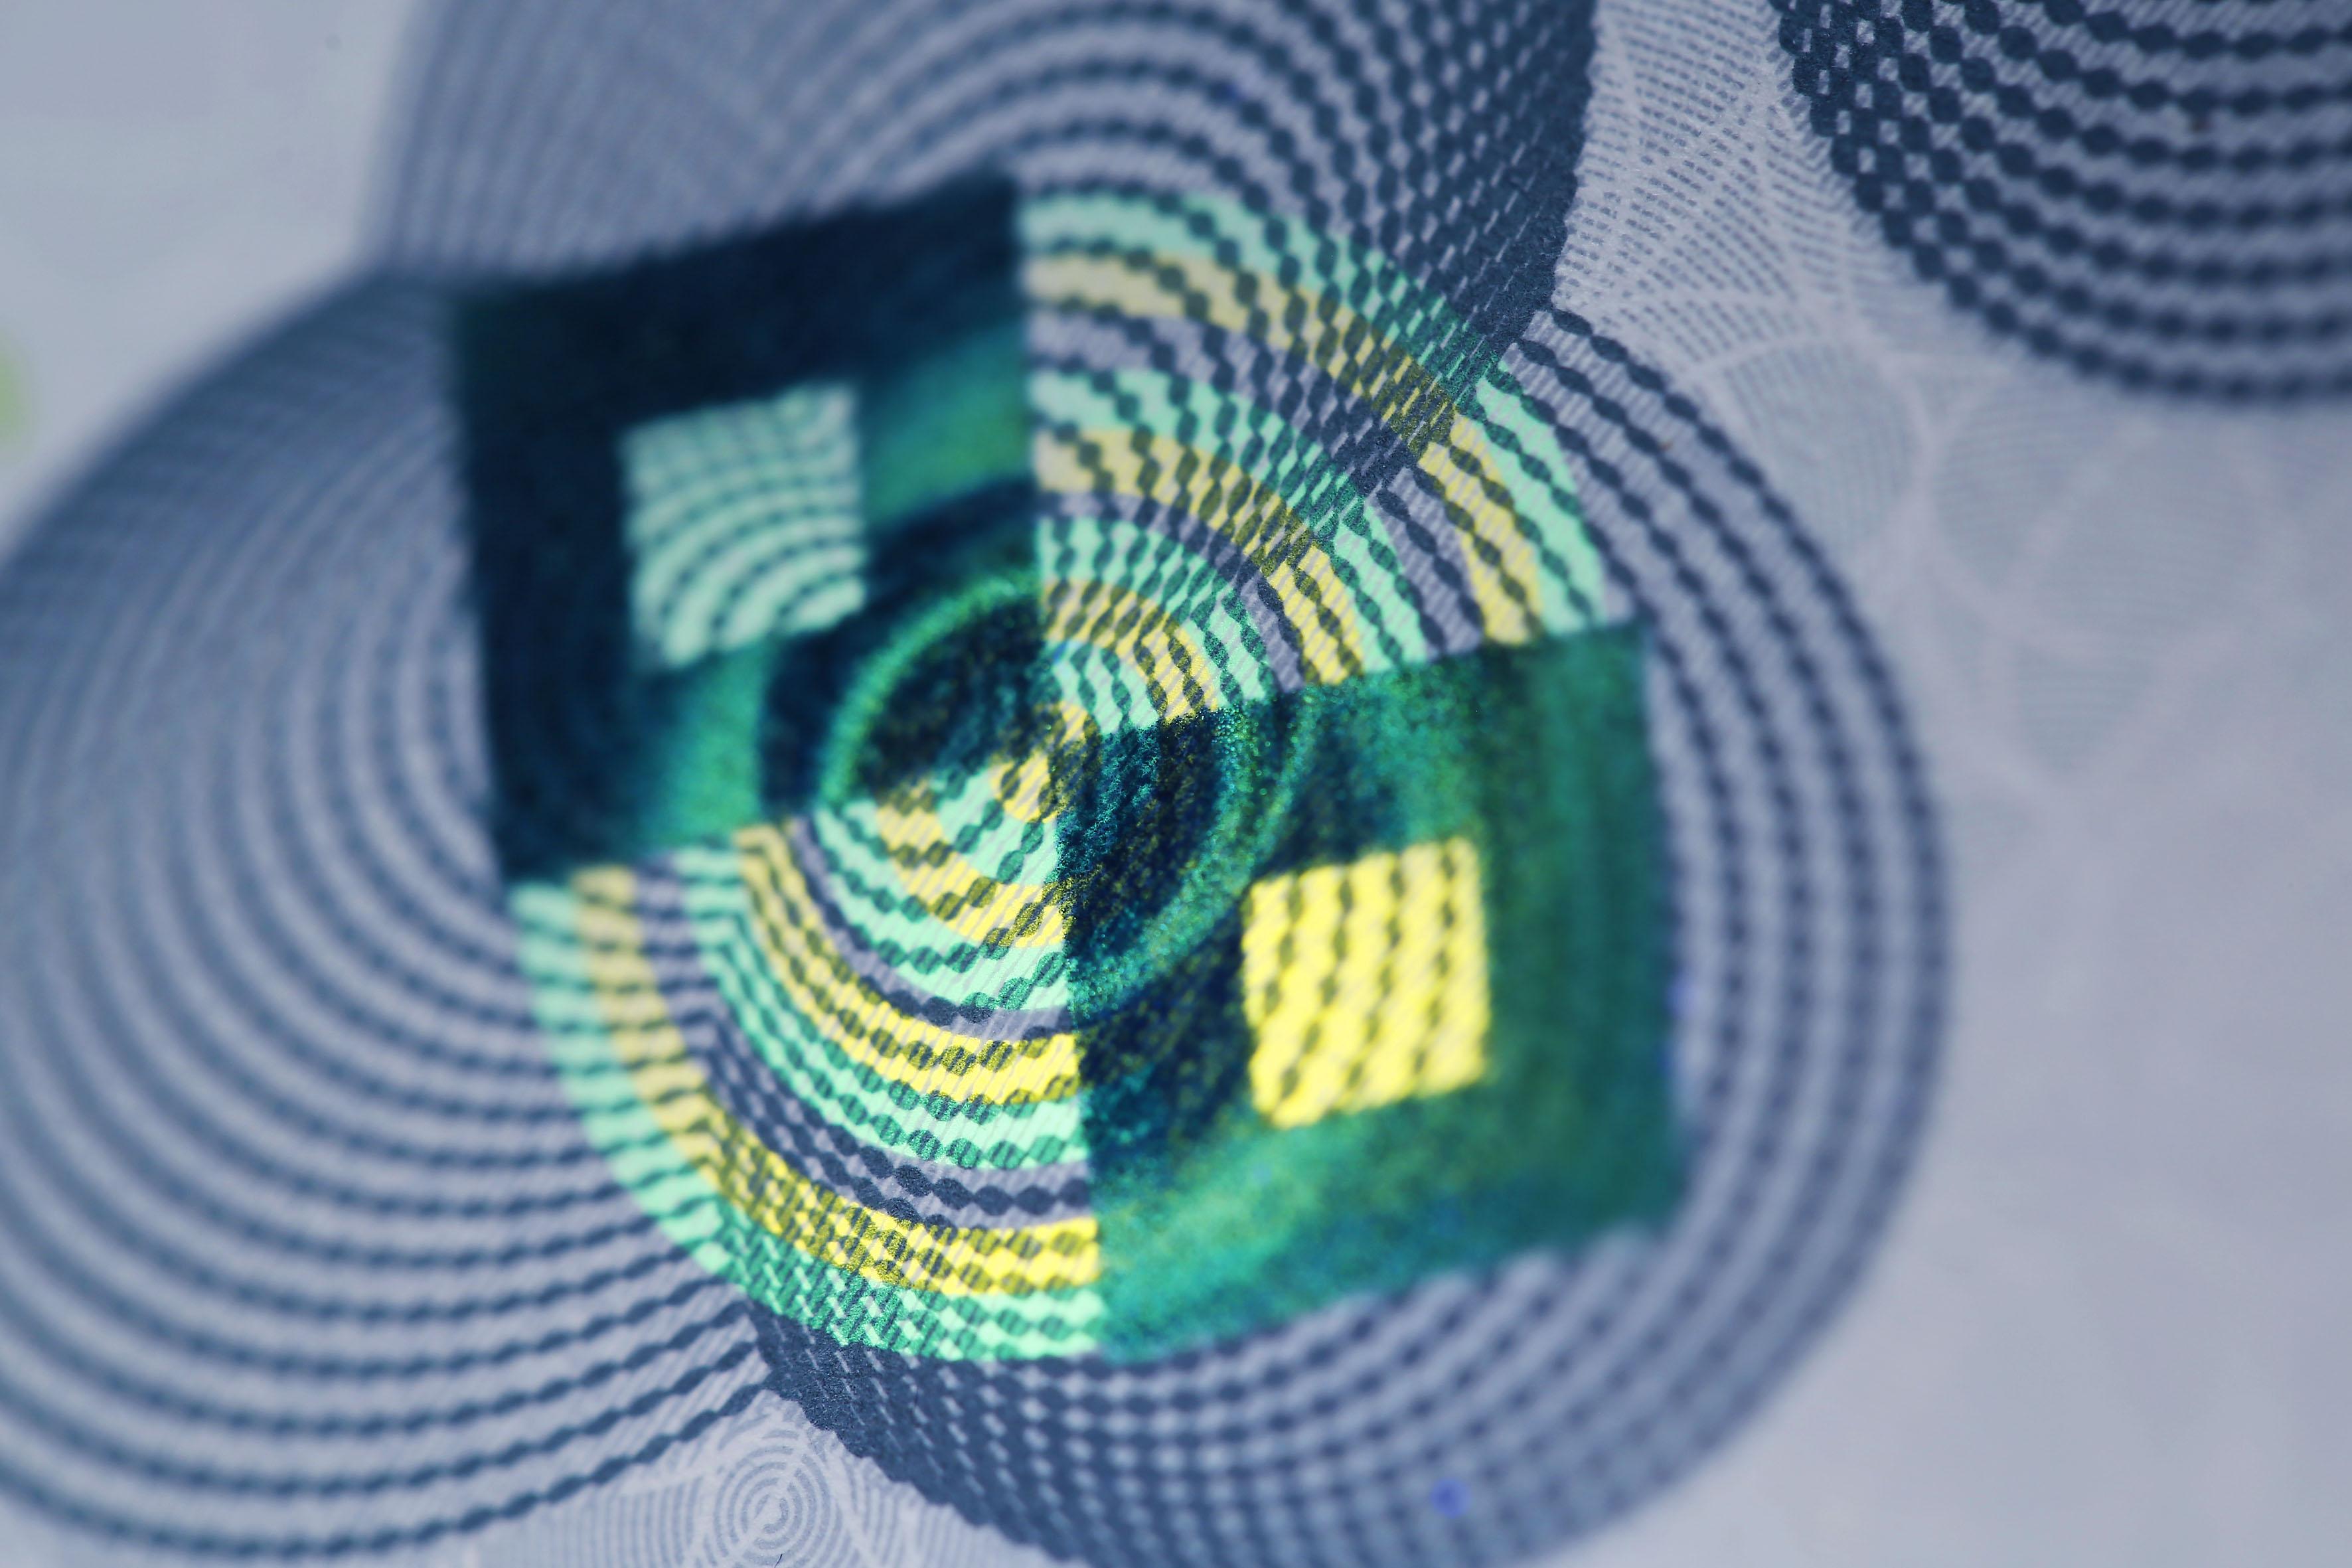 https://cdn2.hubspot.net/hubfs/2752422/Sicpa-Spark-squares-2-UV.jpg